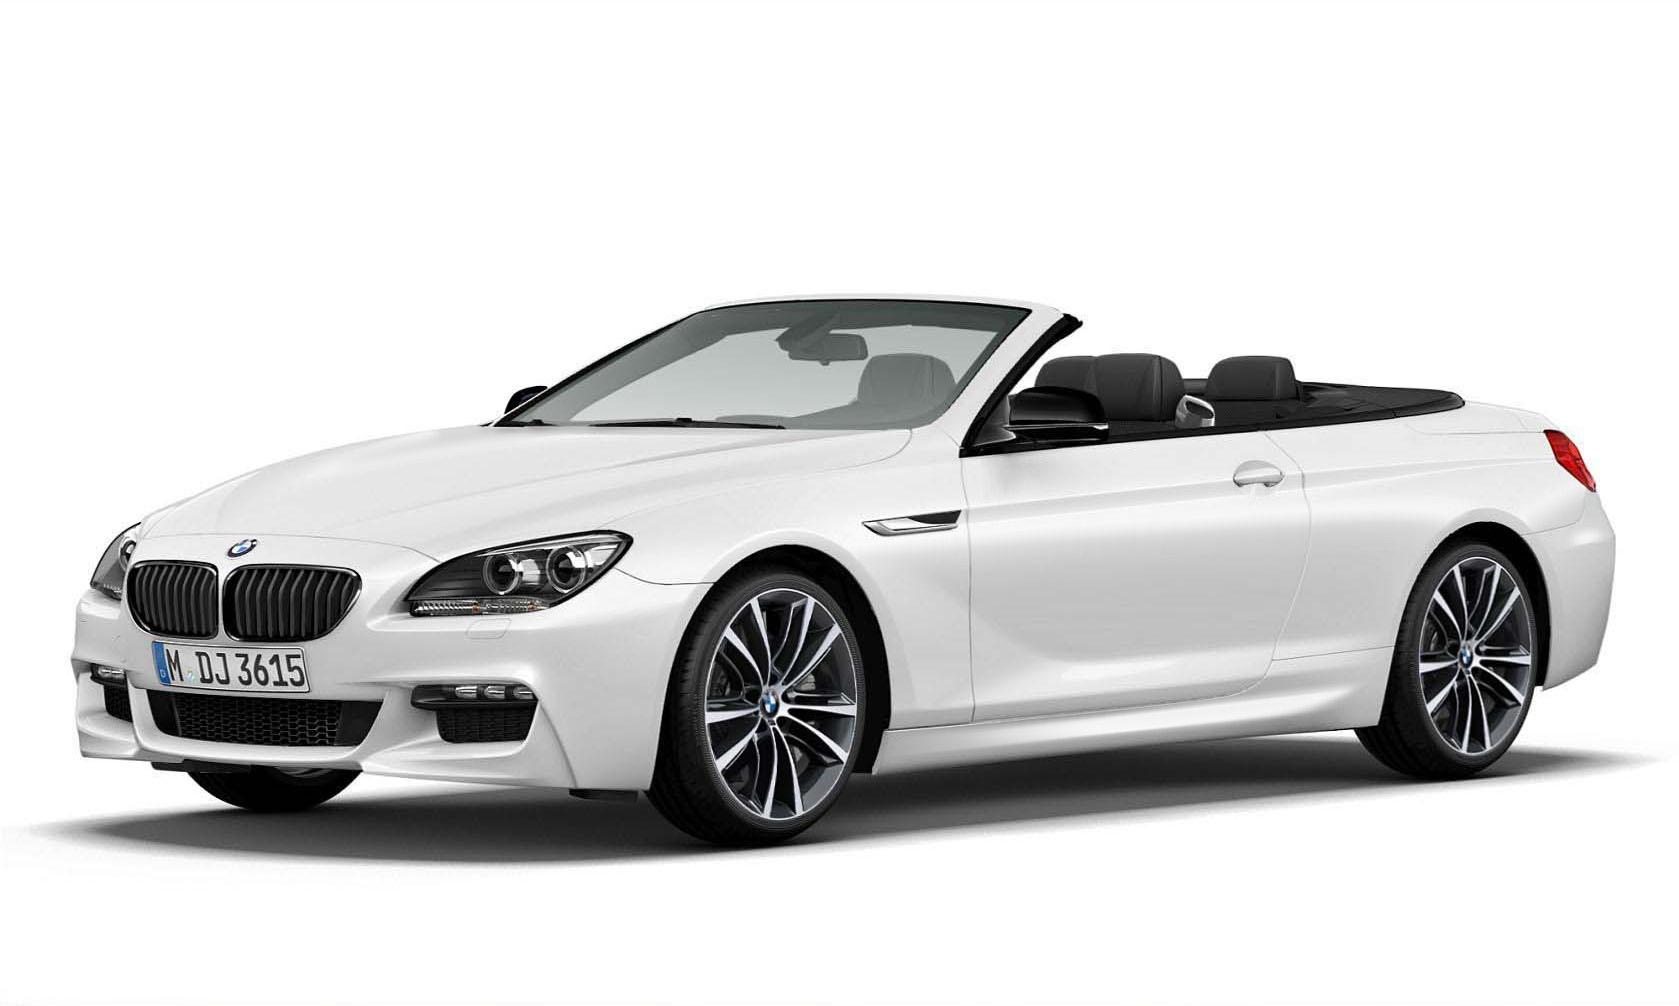 BMW-Seria-6-Cabrio-2014-Frozen-Brilliant-White-Edition